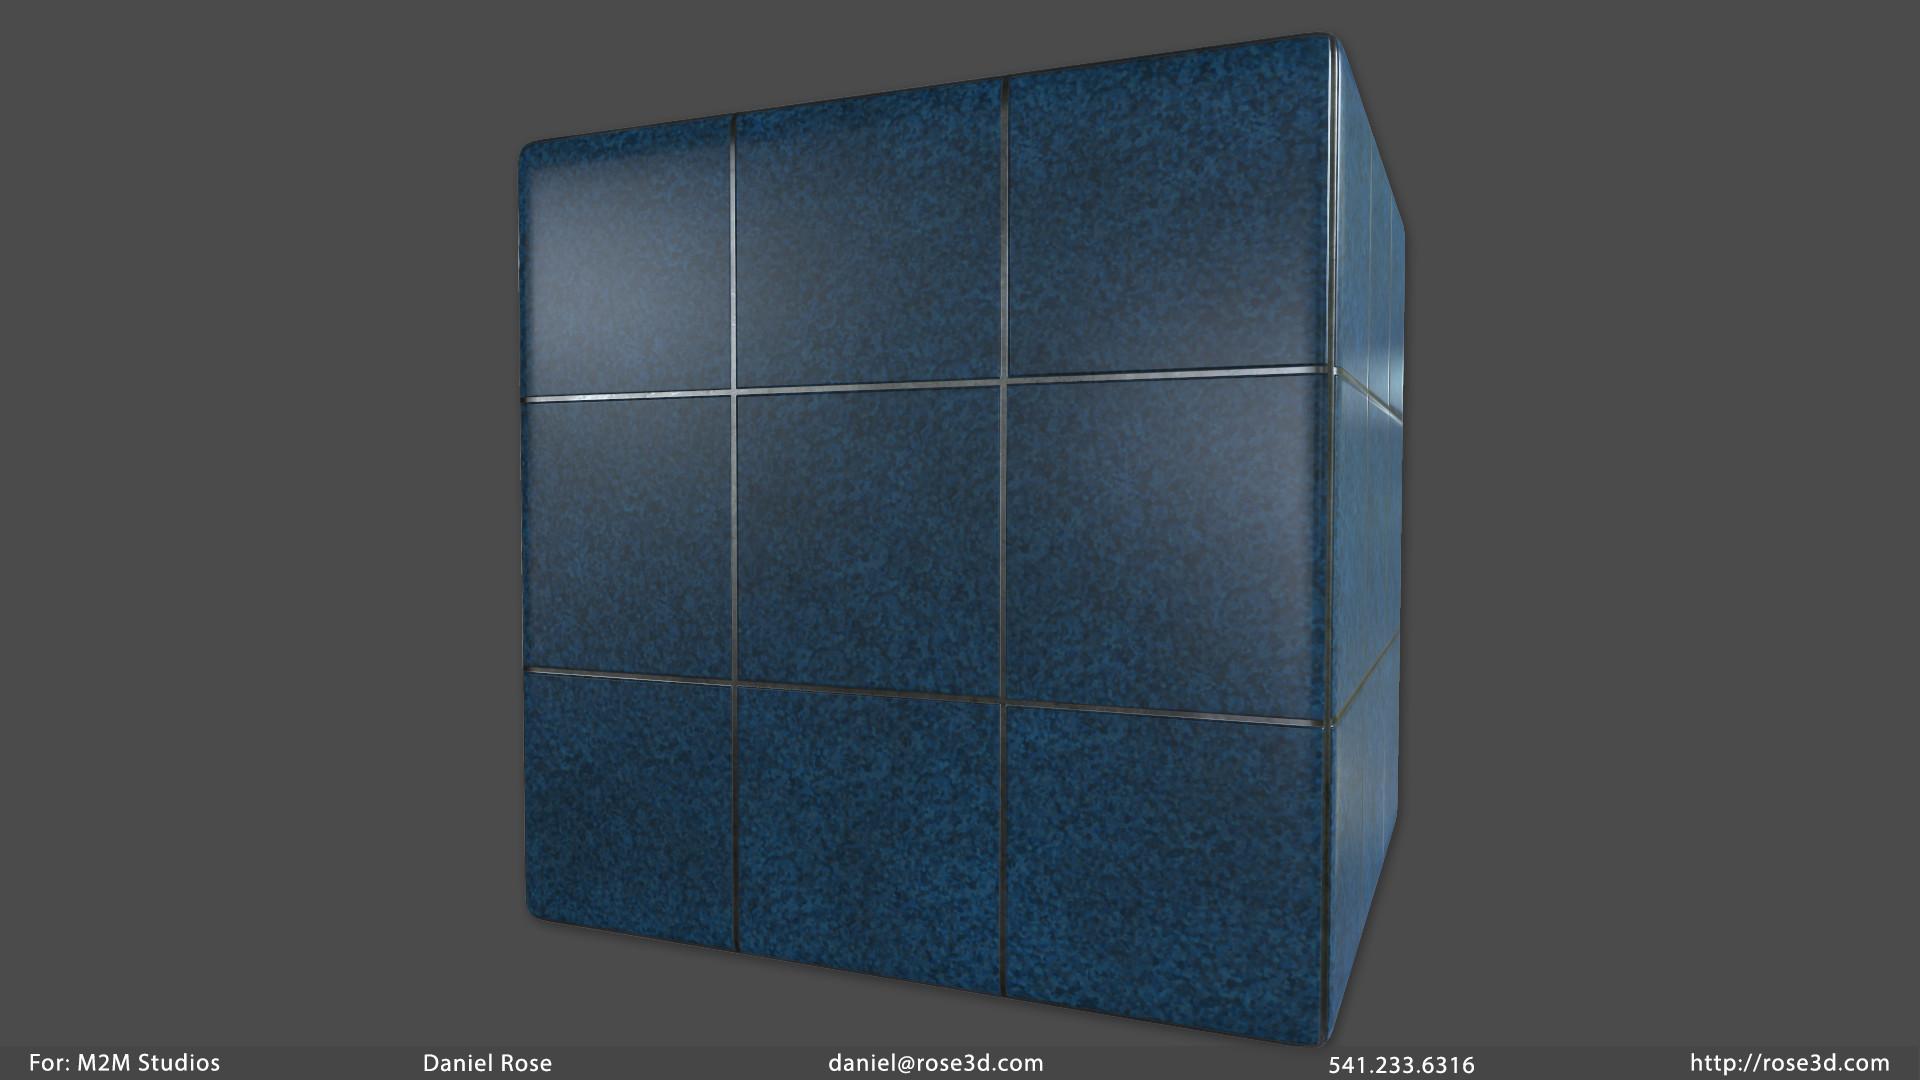 Daniel rose floortiles mat